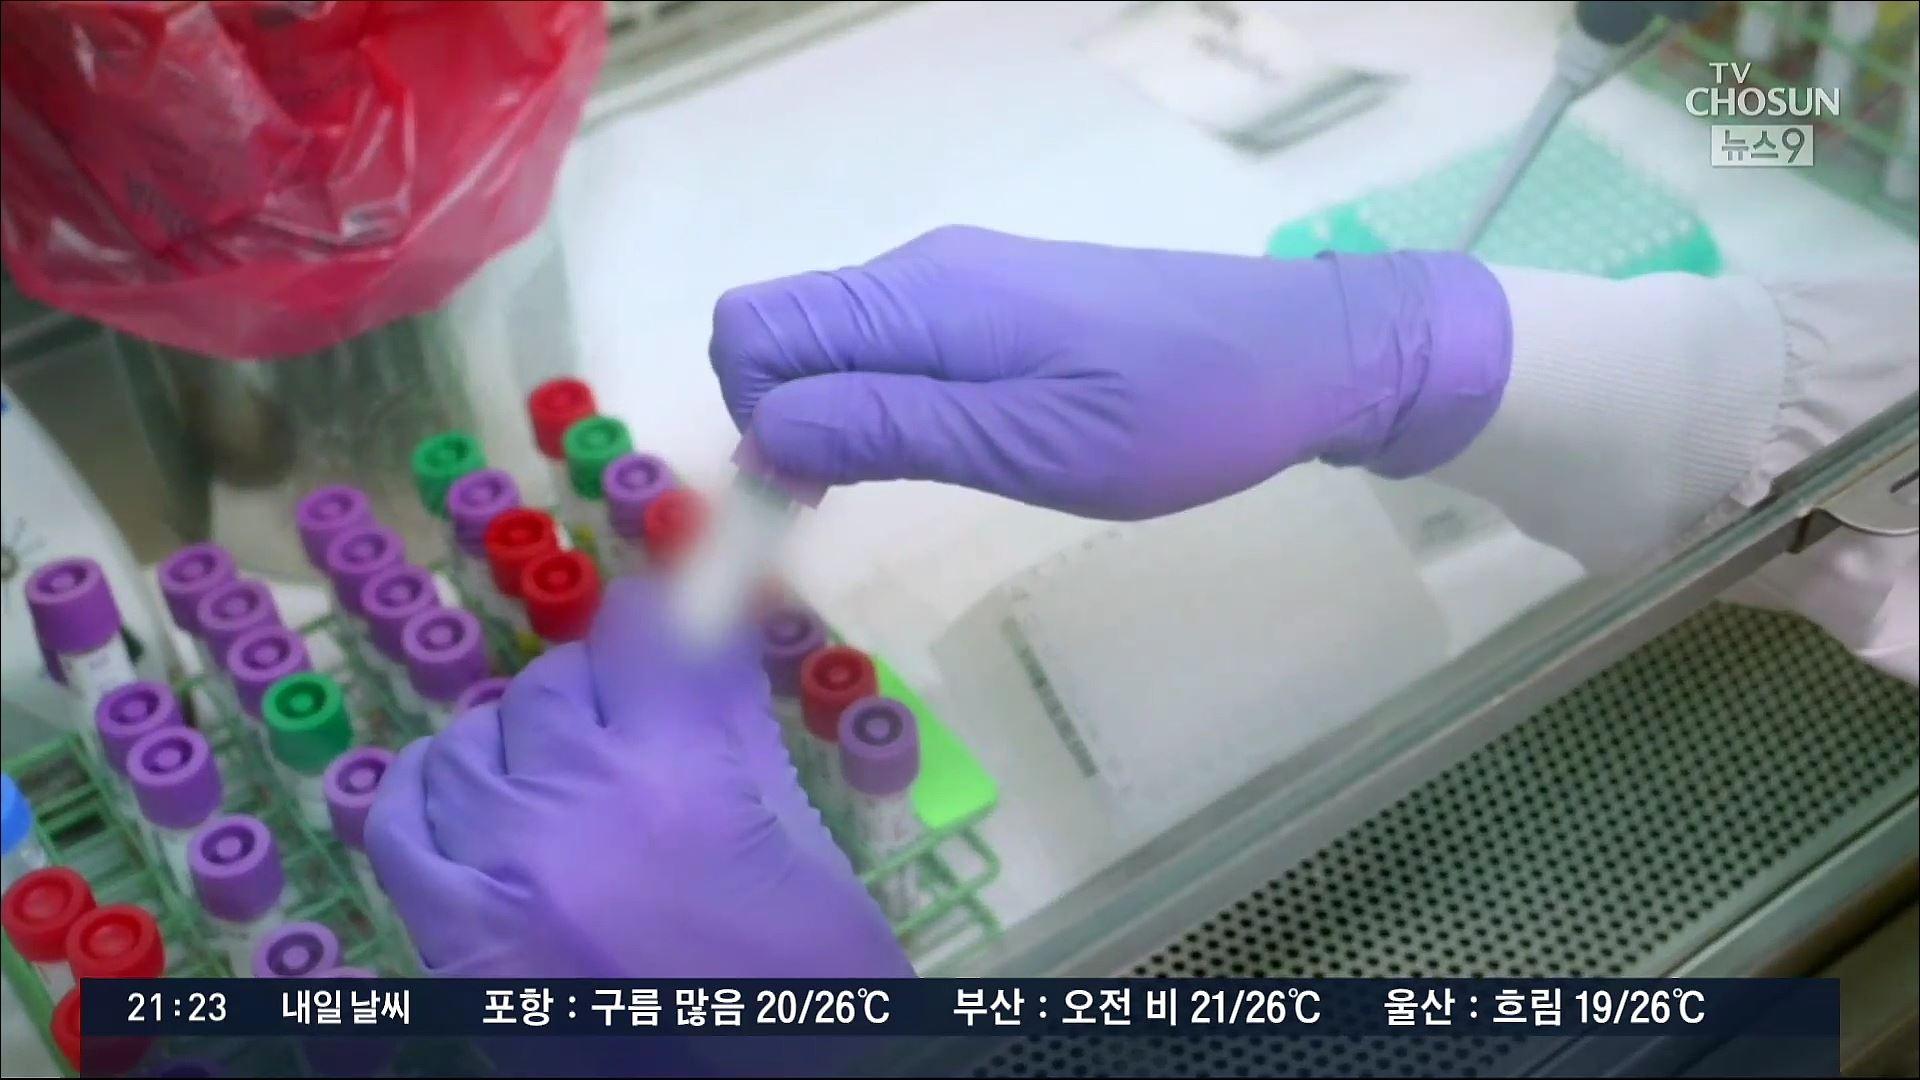 정부, 백신 3천만명분 확보 추진…'국민 60% 접종해야 집단면역'